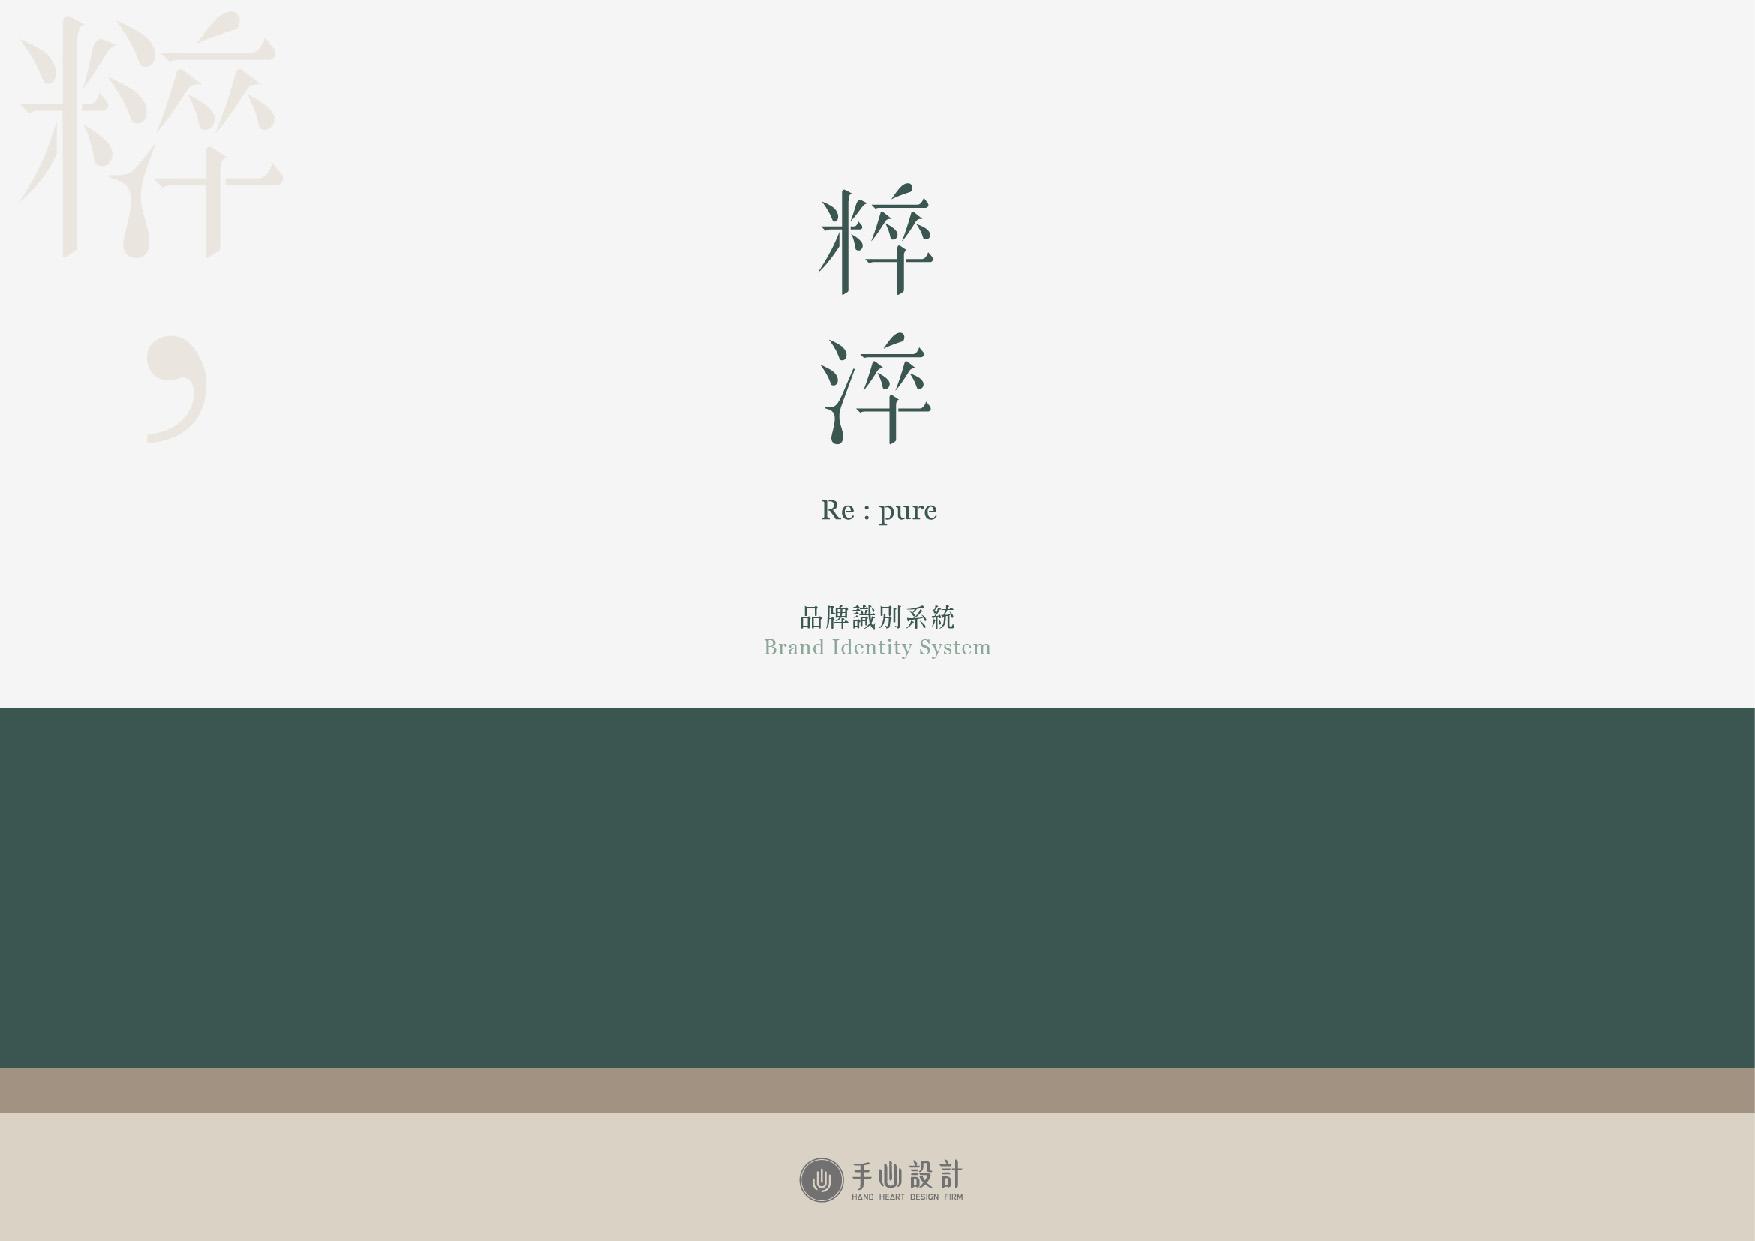 CIS企業識別系統設計_淬粹_品牌識別設計_台南_設計_手心設計-01